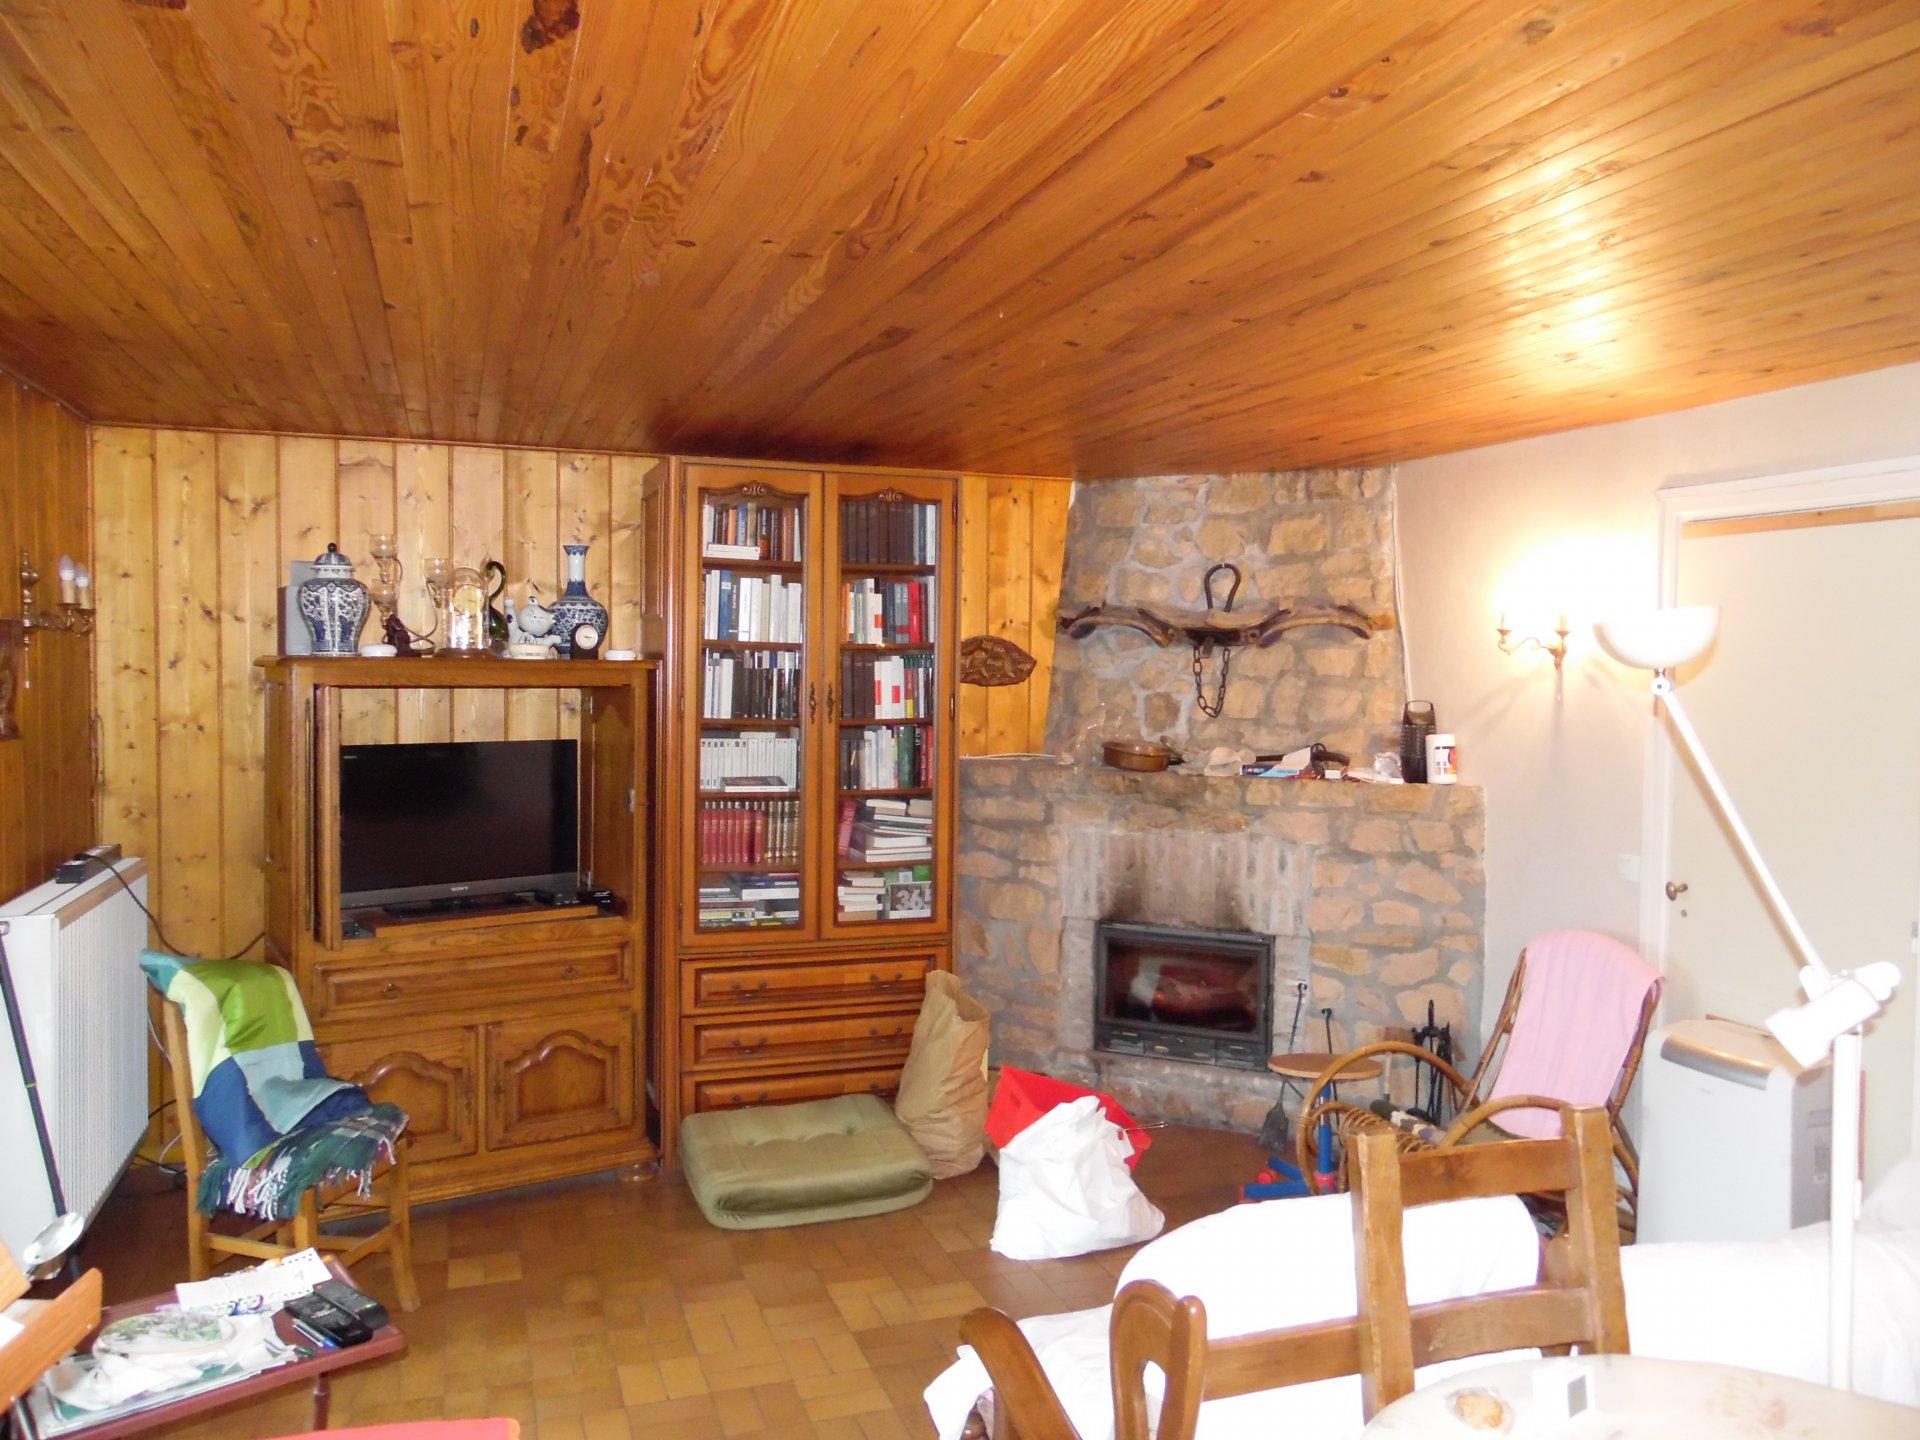 Zu verkaufen in Creuse, großes Haus, Garagen und Garten (3908m²)